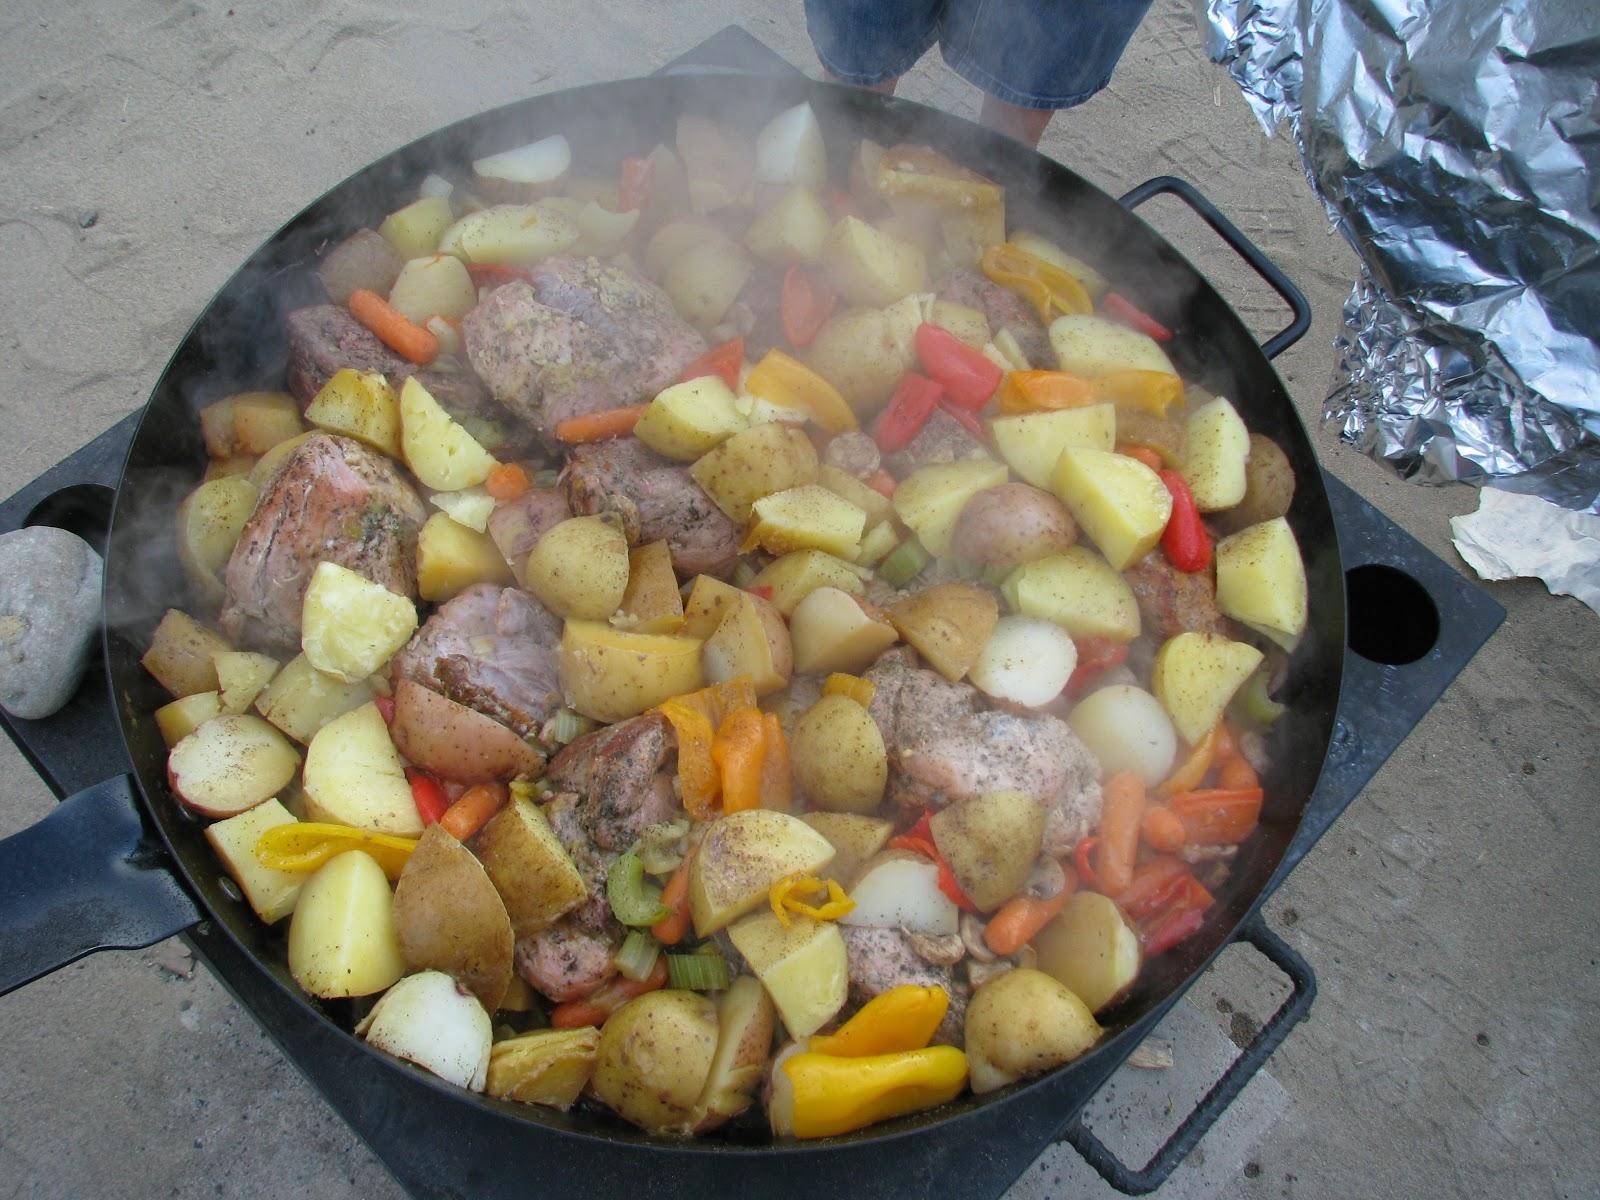 Trailhead kitchen dutch oven cooking outdoor dutch oven for What to cook in a dutch oven camping